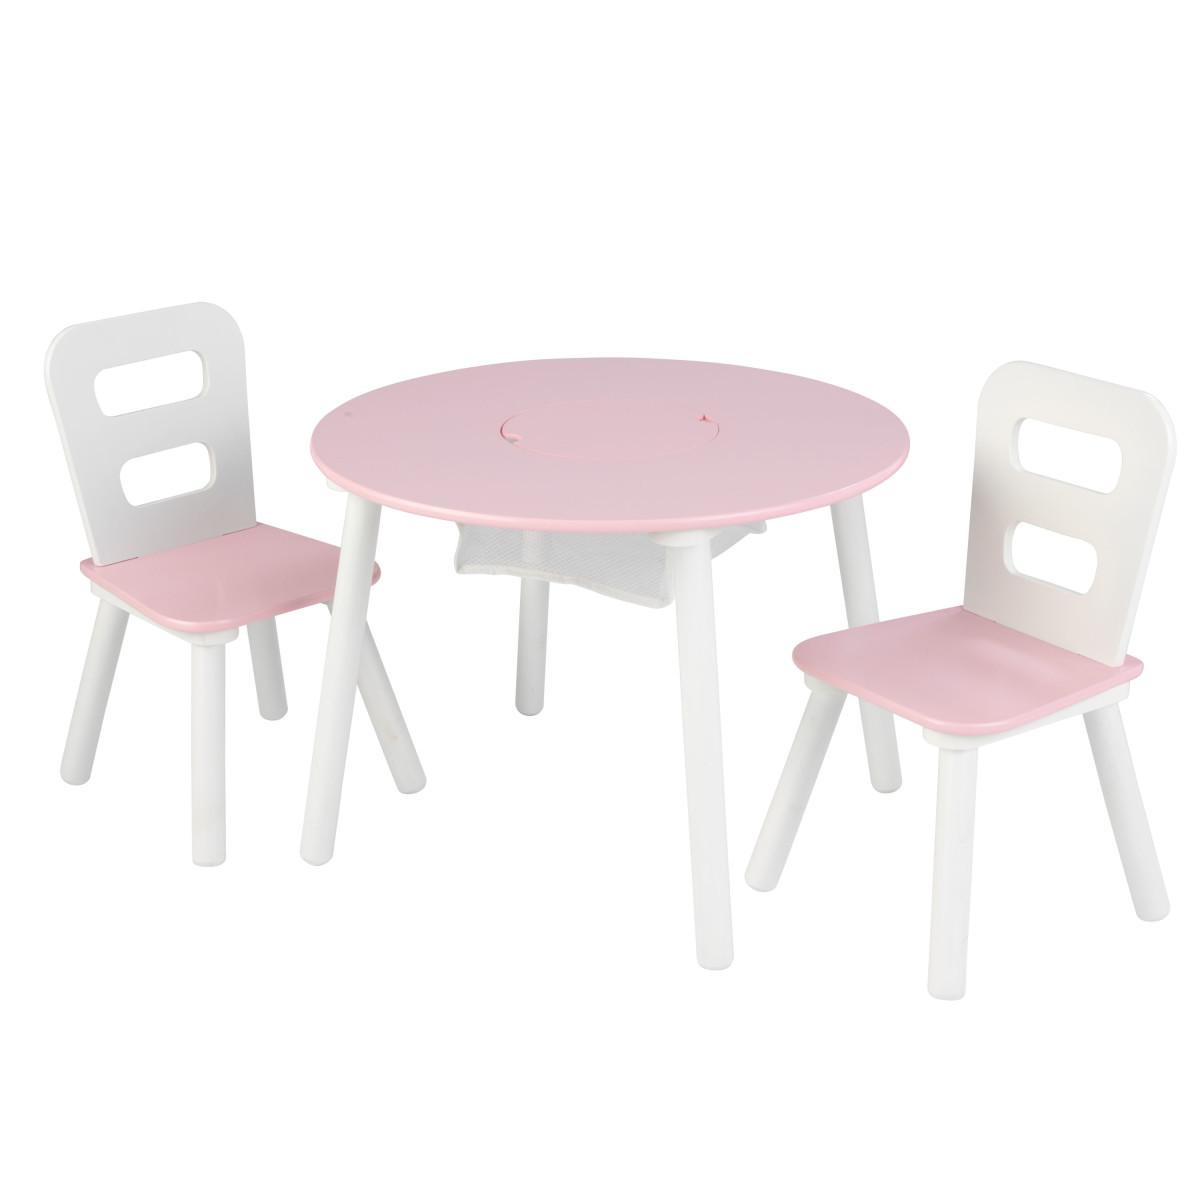 Kidkraft Kindersitzgarnitur Mit Tisch Mit 2 Stühlen Pirum